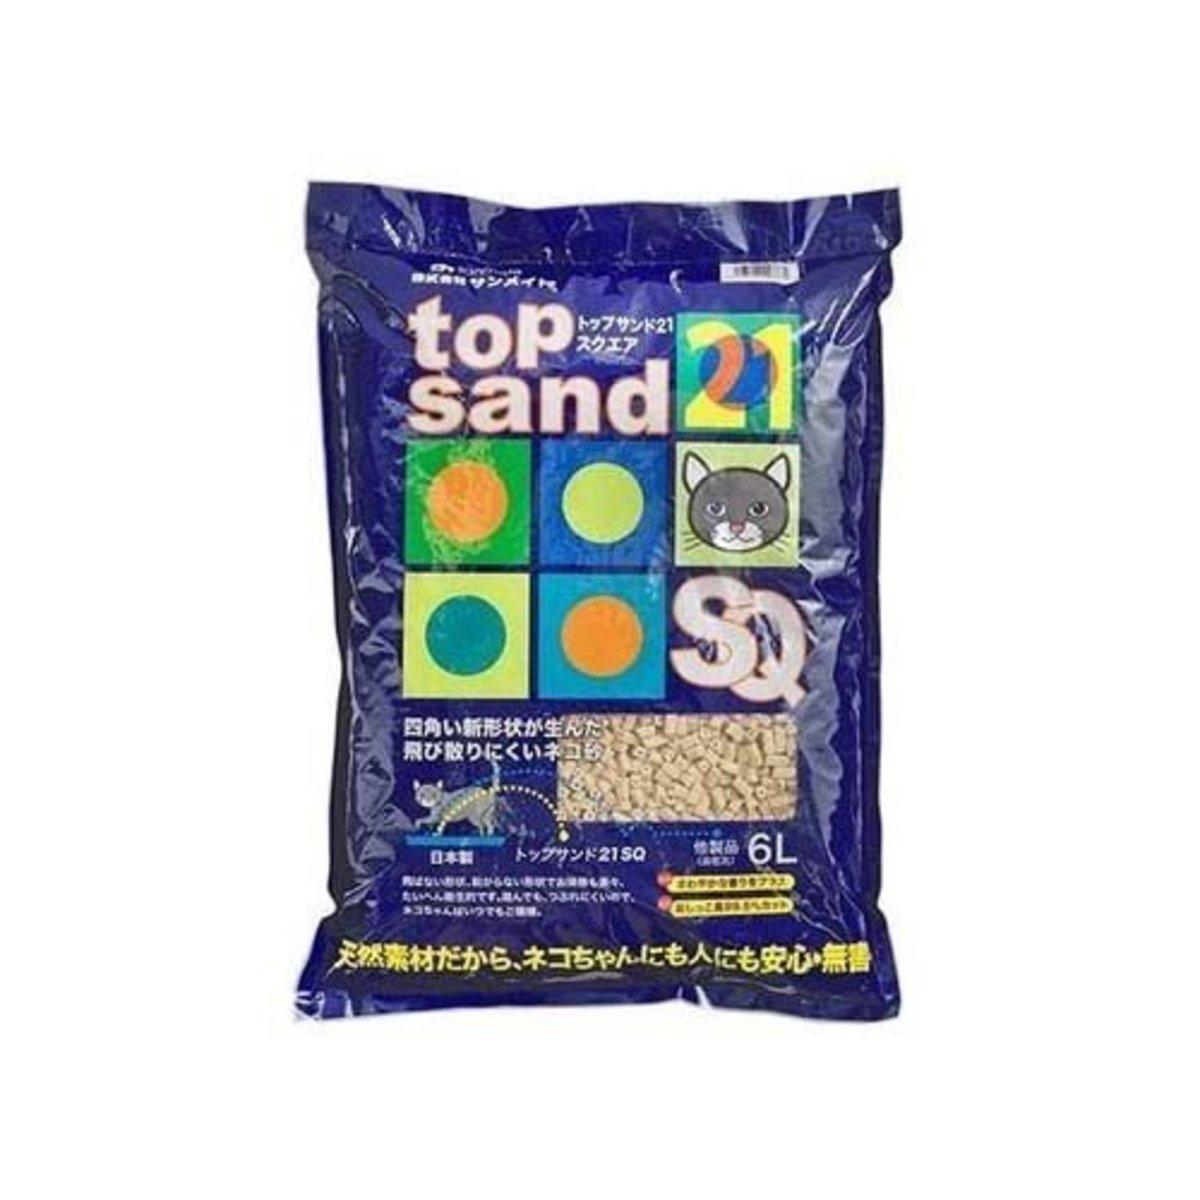 日本Top Sand 21 SQ四角形單通豆腐砂 6L